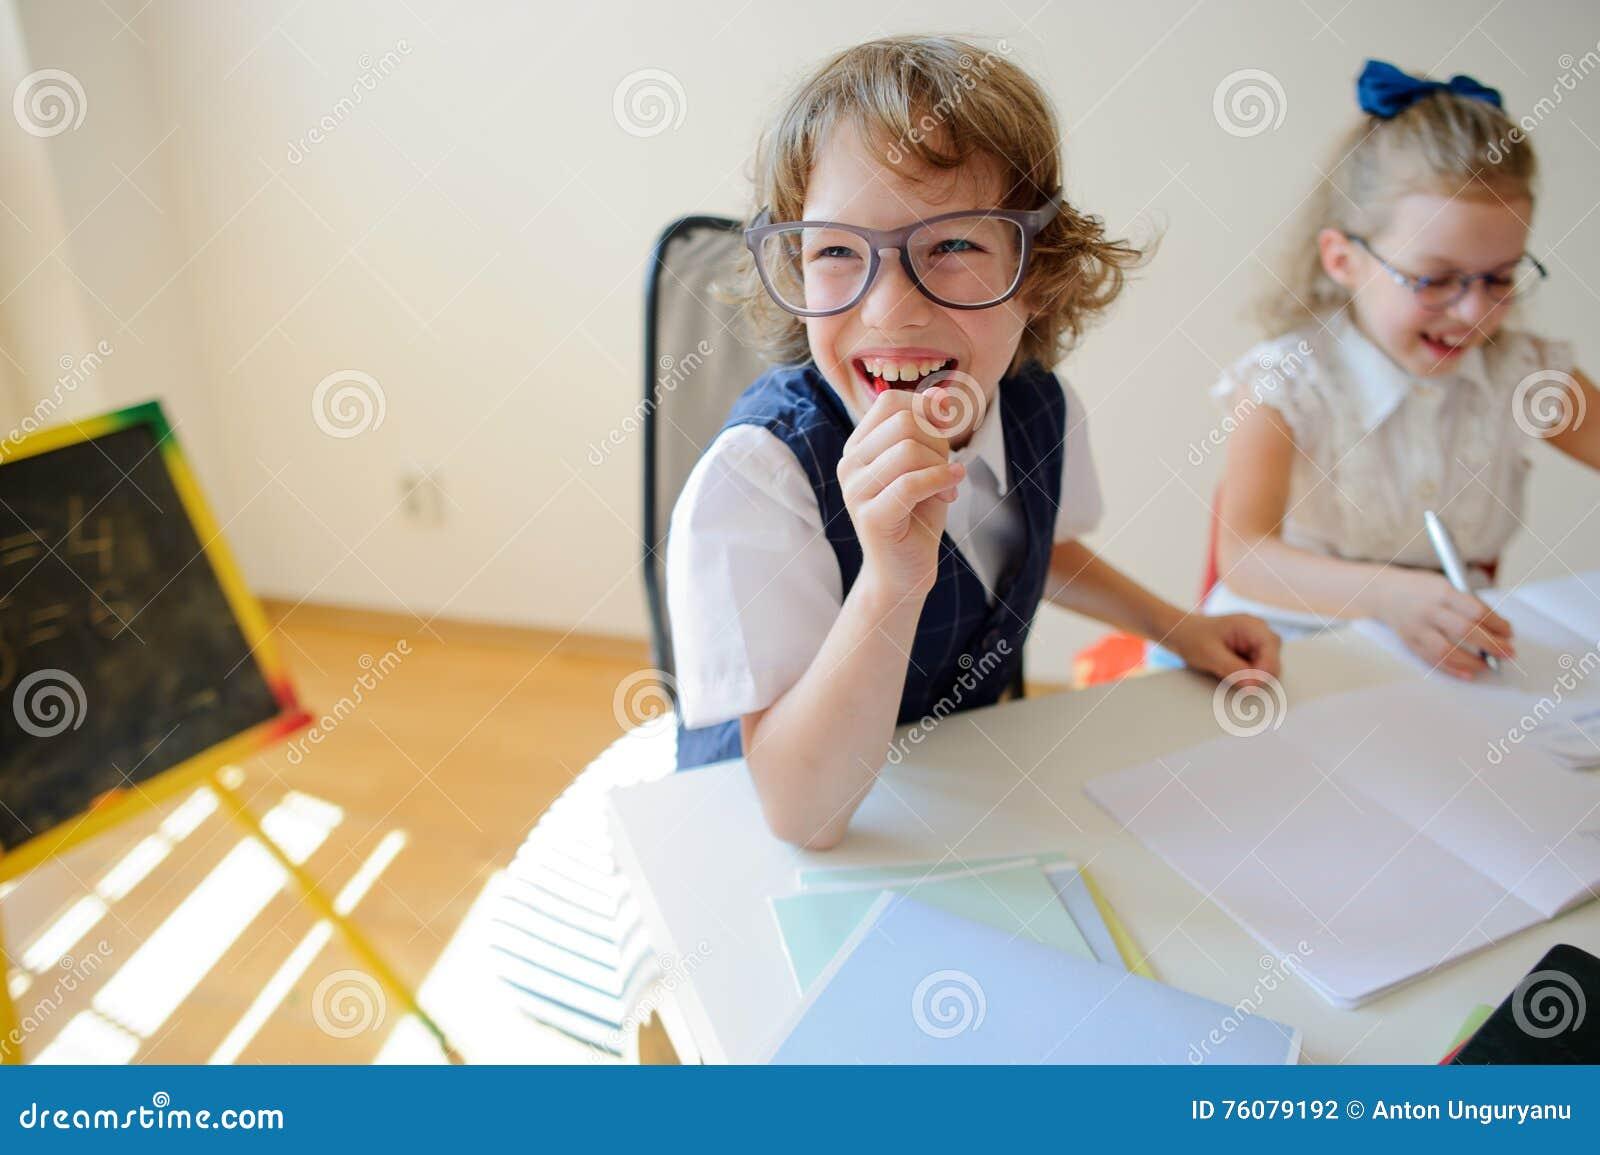 Les petits étudiants ridicules à lunettes, le garçon et la fille, partagent le même bureau